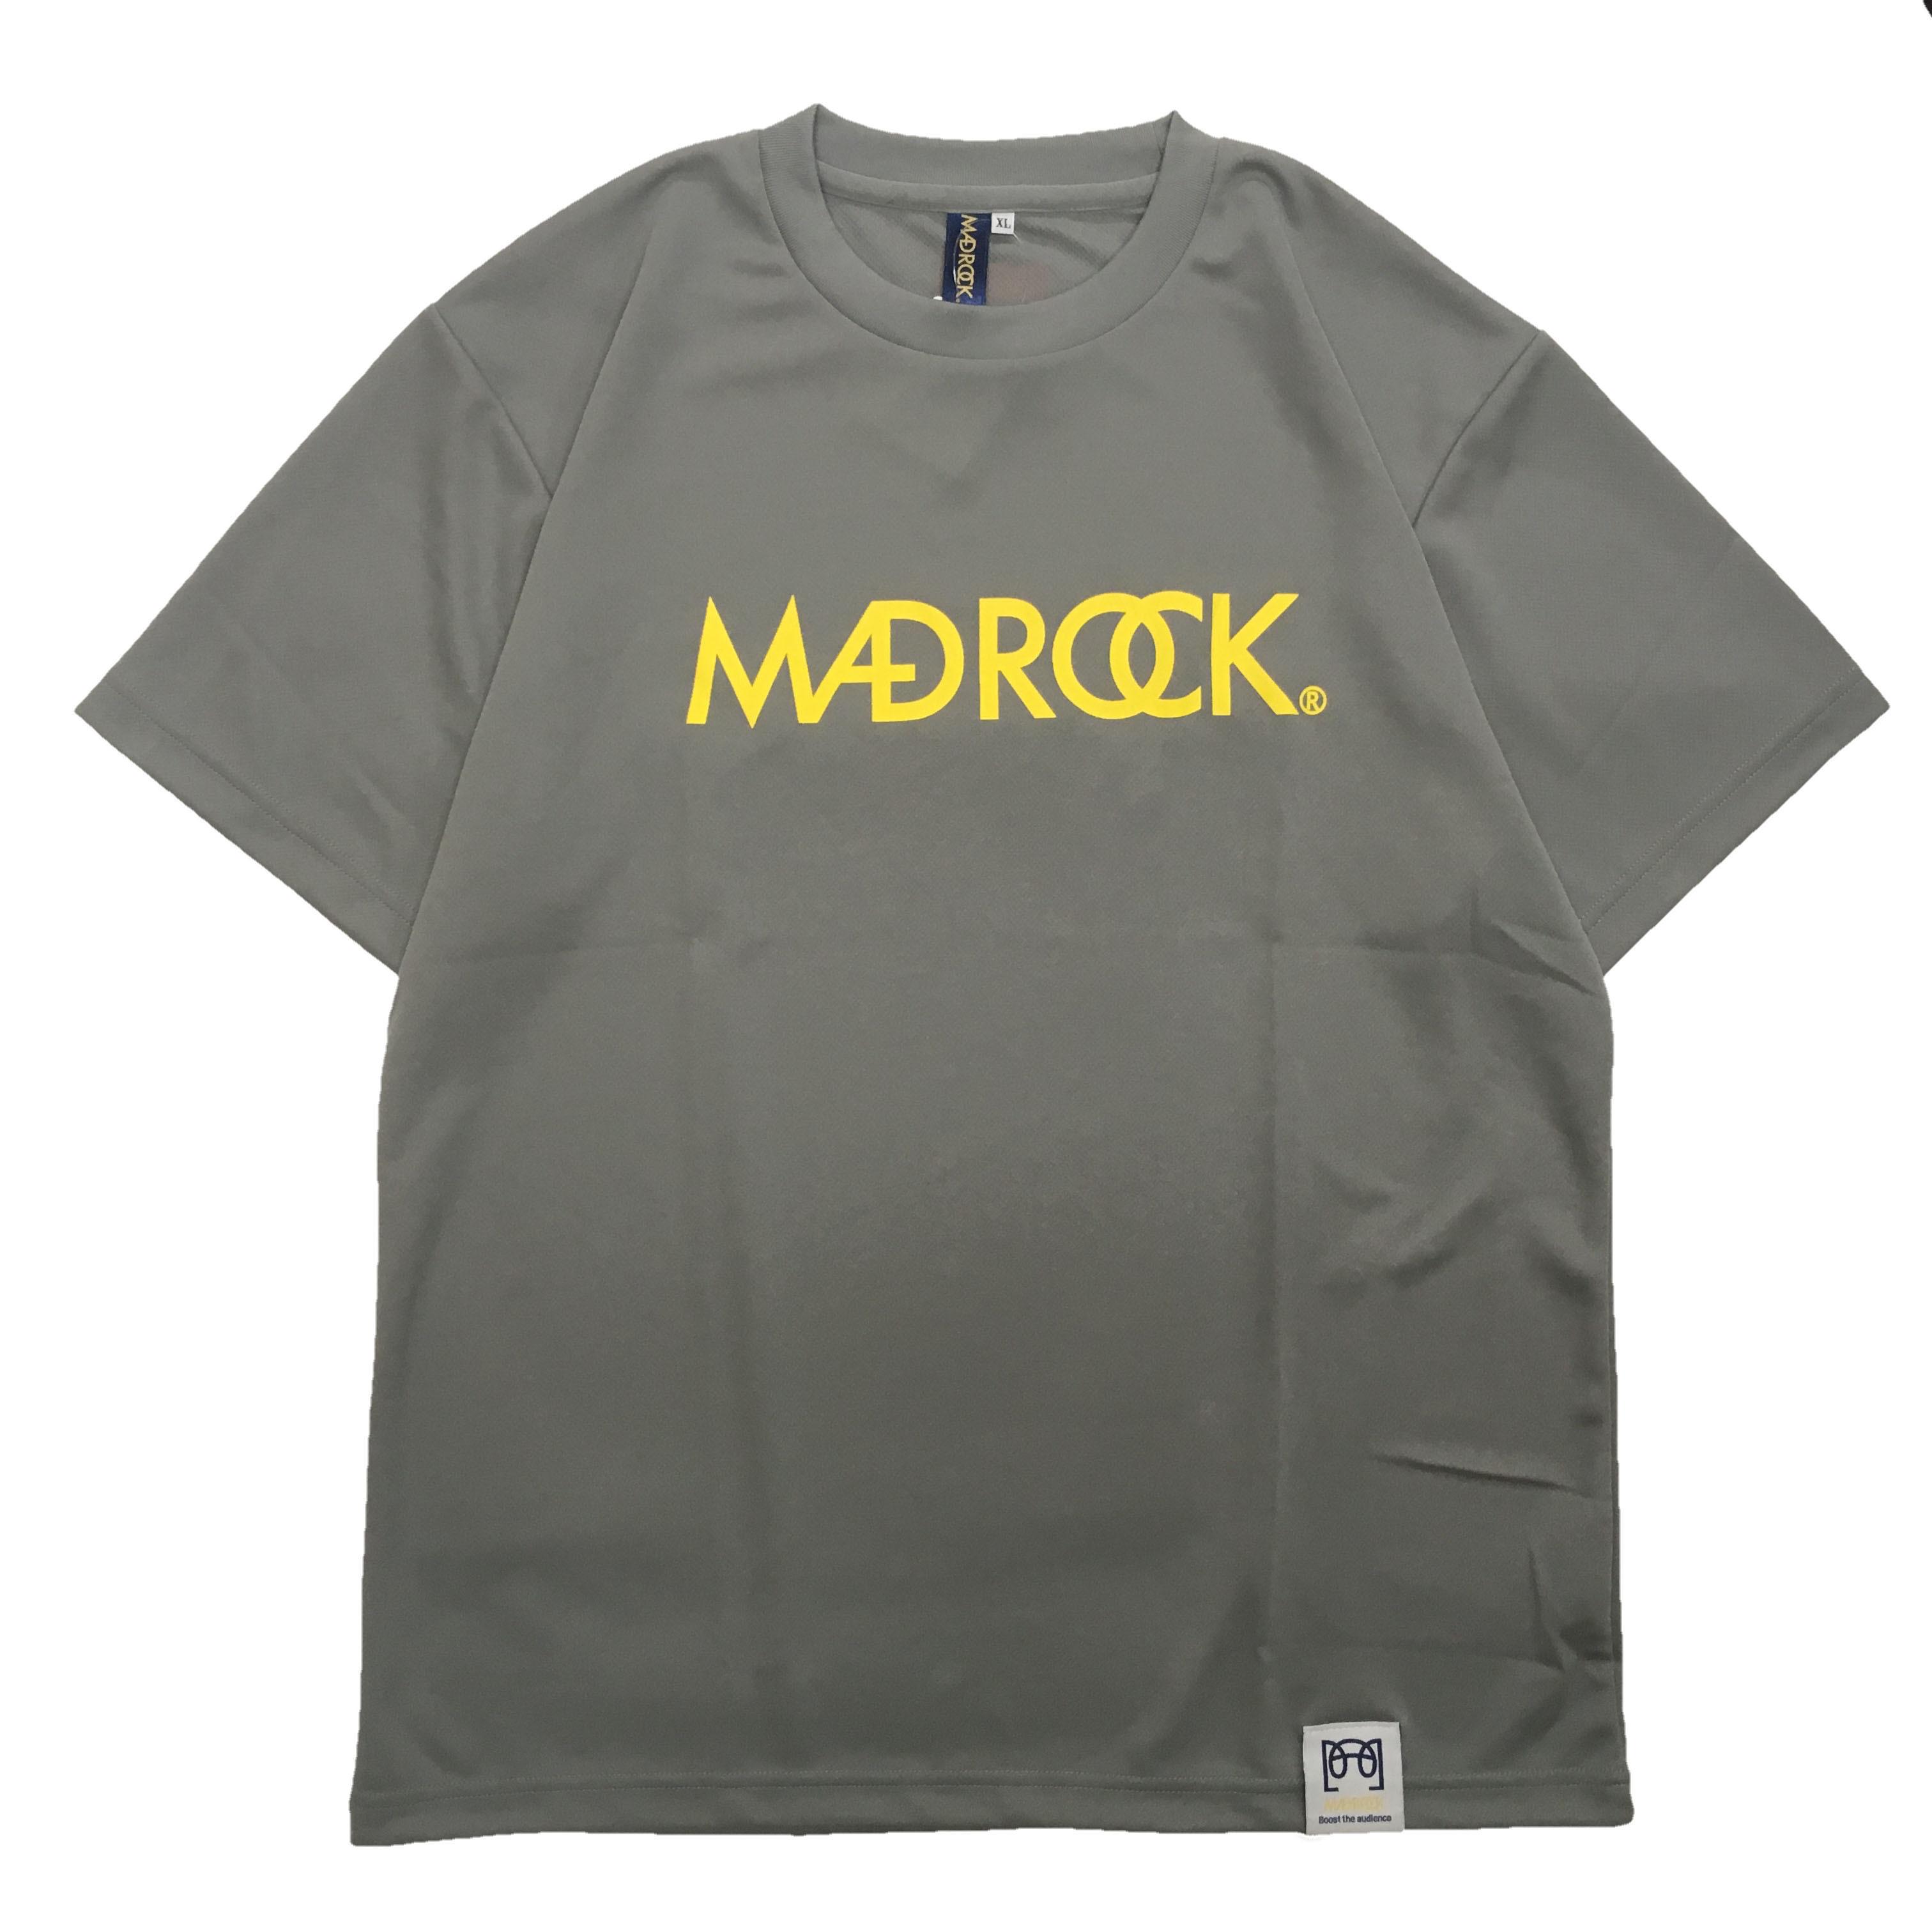 マッドロックロゴ Tシャツ/ドライタイプ/グレー&イエロー